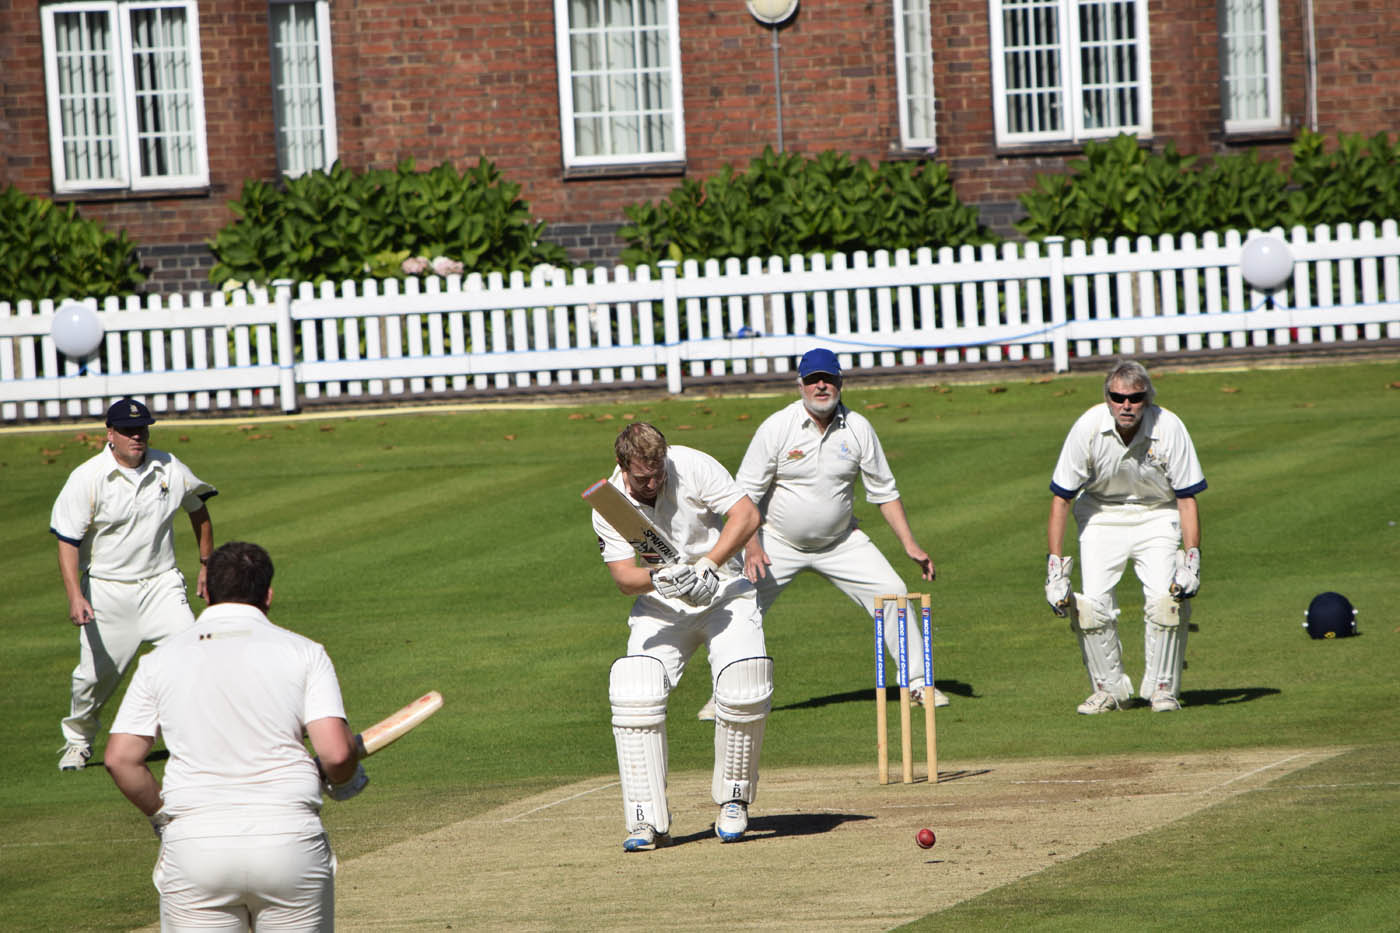 Friendly Cricket in Hertfordshire